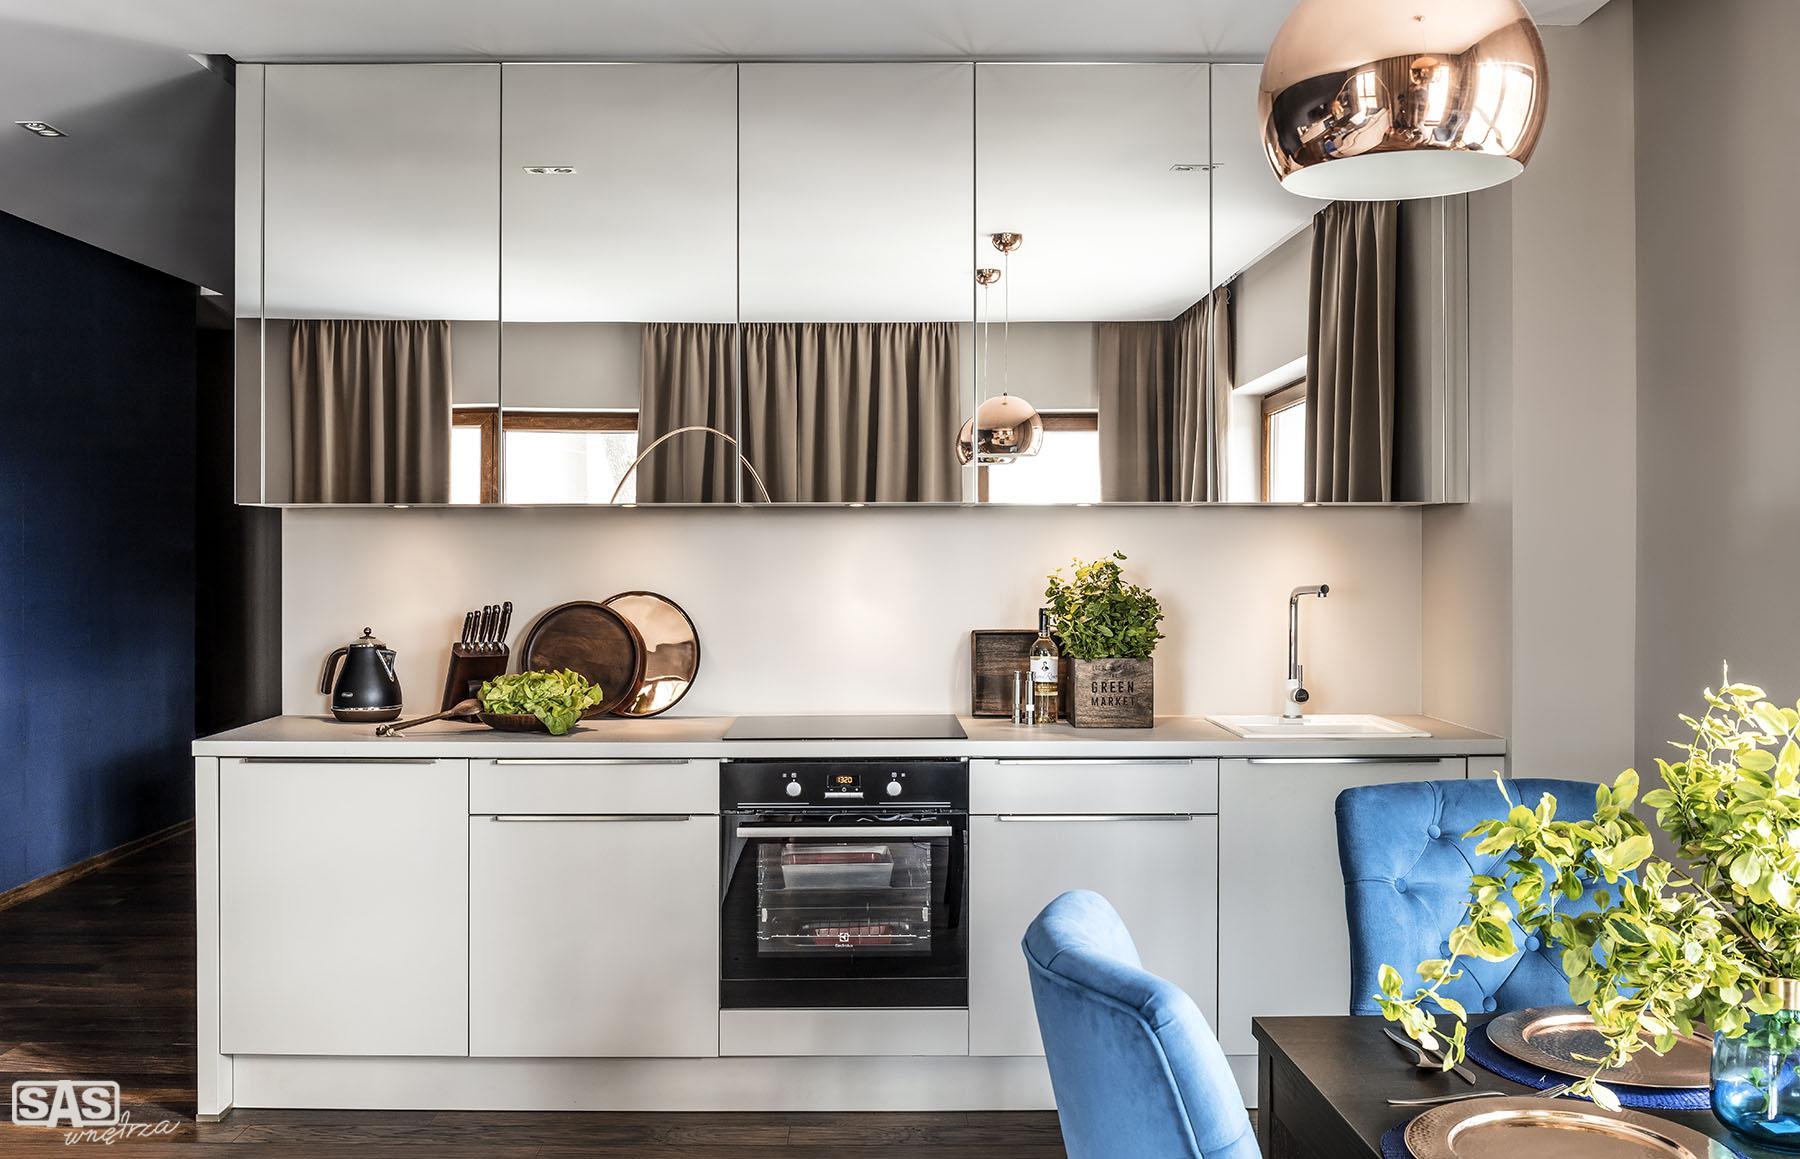 Aranżacja otwartej kuchni - meble na wymiar wykonanie SAS Wnętrza i Kuchnie - projekt architekt wnętrz Emilia Strzempek Plasun.